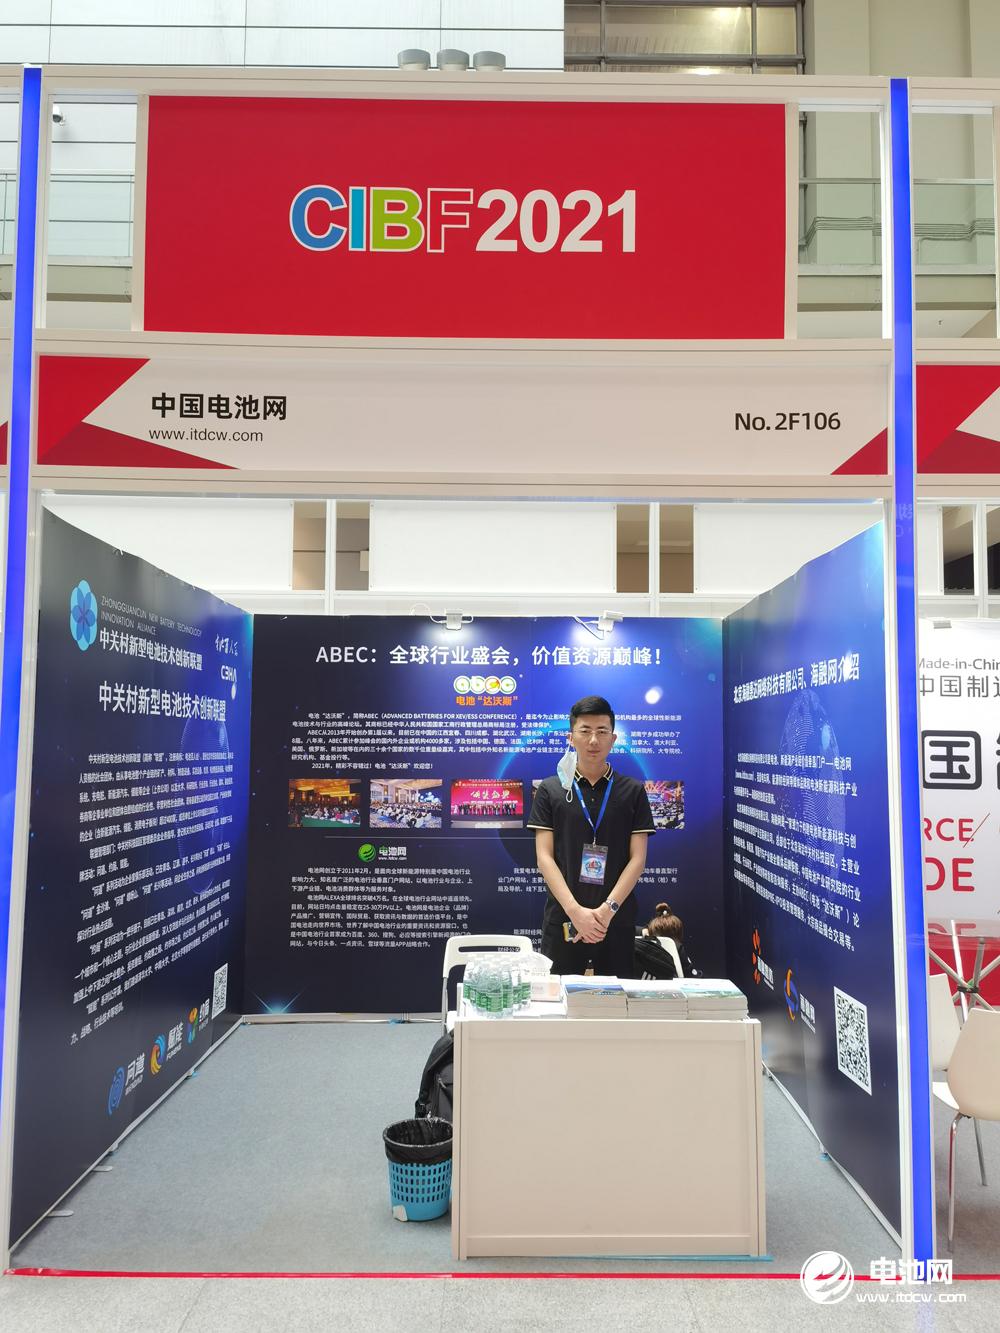 电池百人会、电池网、我爱电车网参展CIBF 2021 全面报道展会盛况